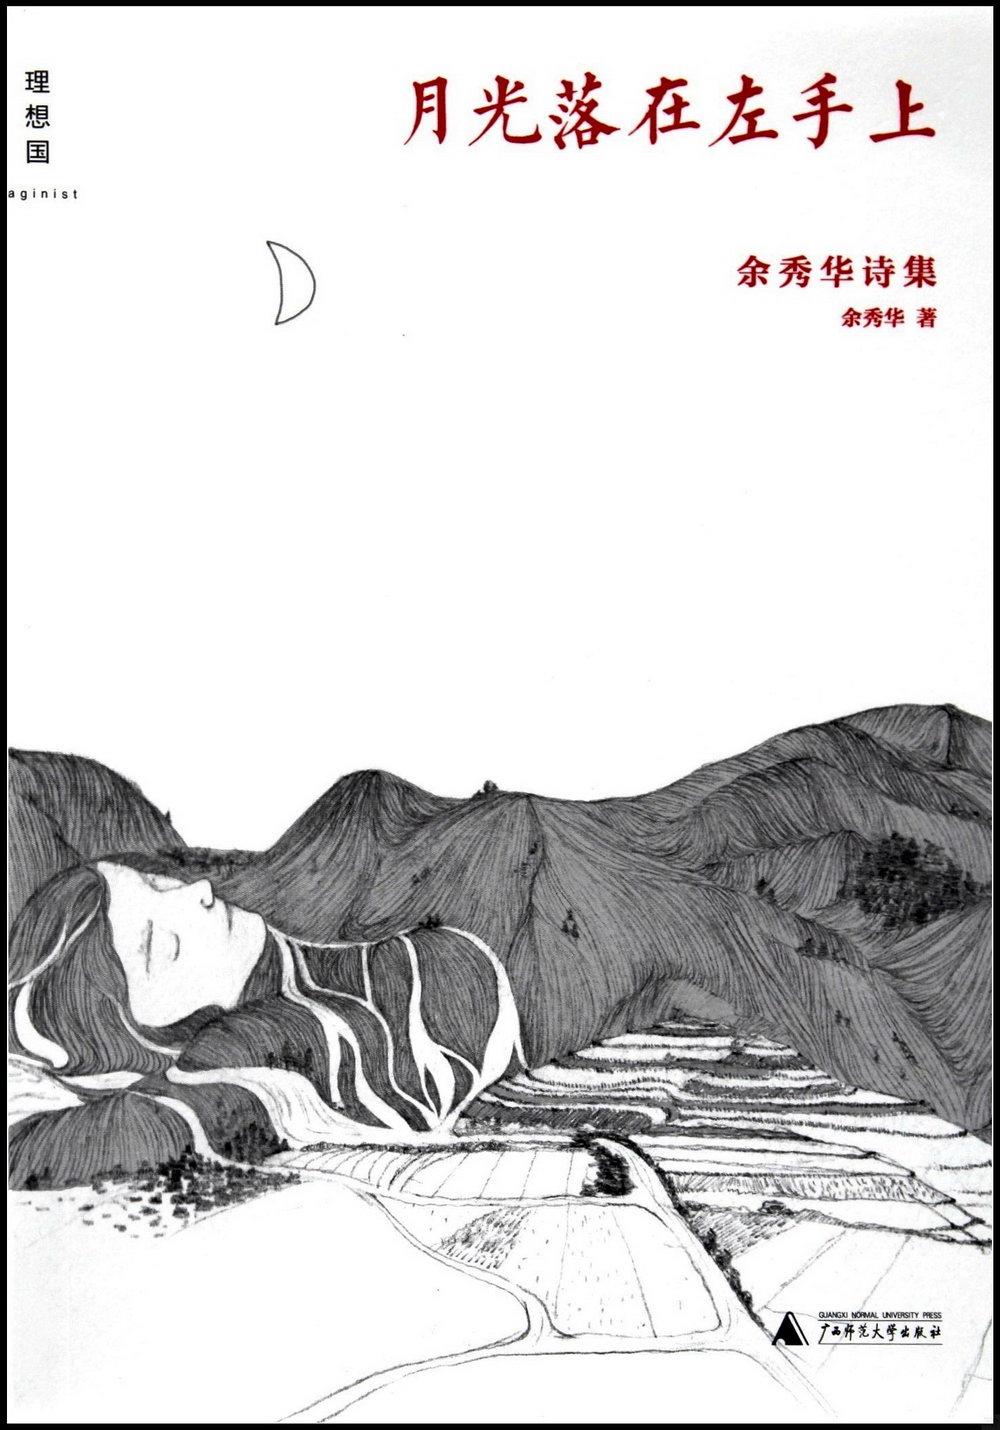 月光落在左手上:余秀華詩集